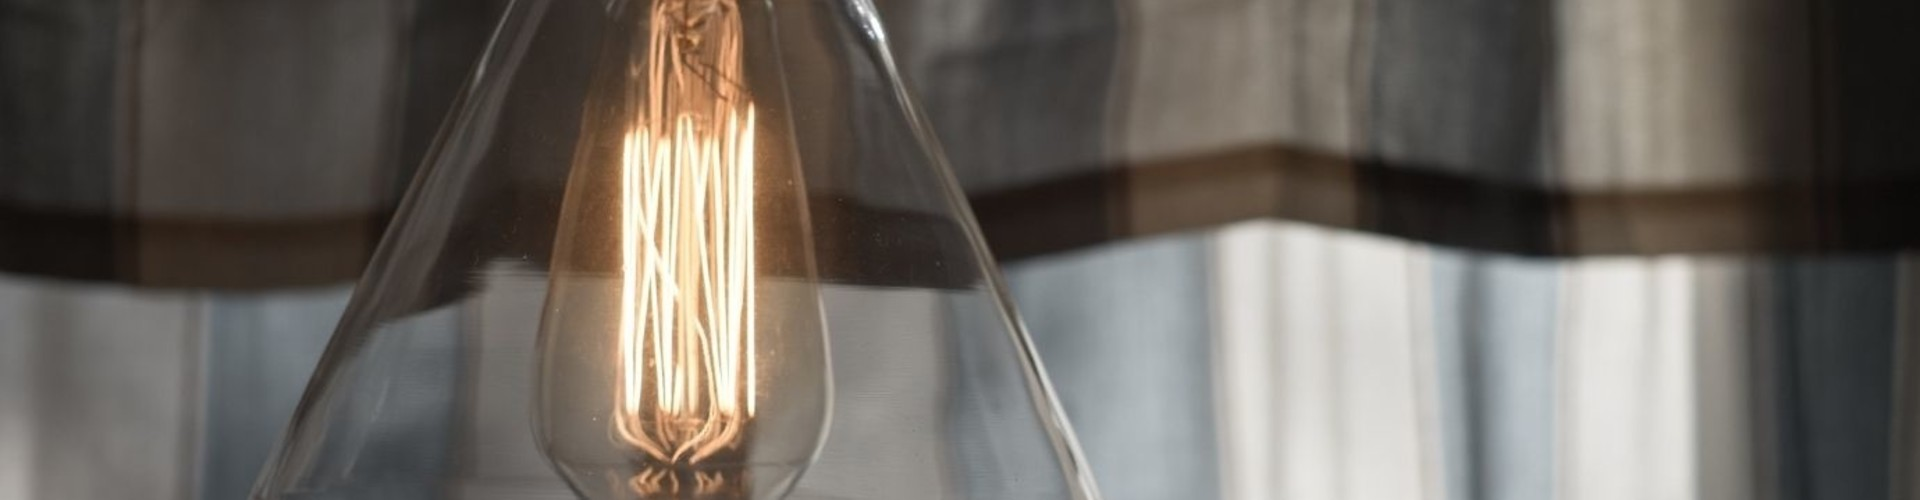 Voordelen van een hanglamp